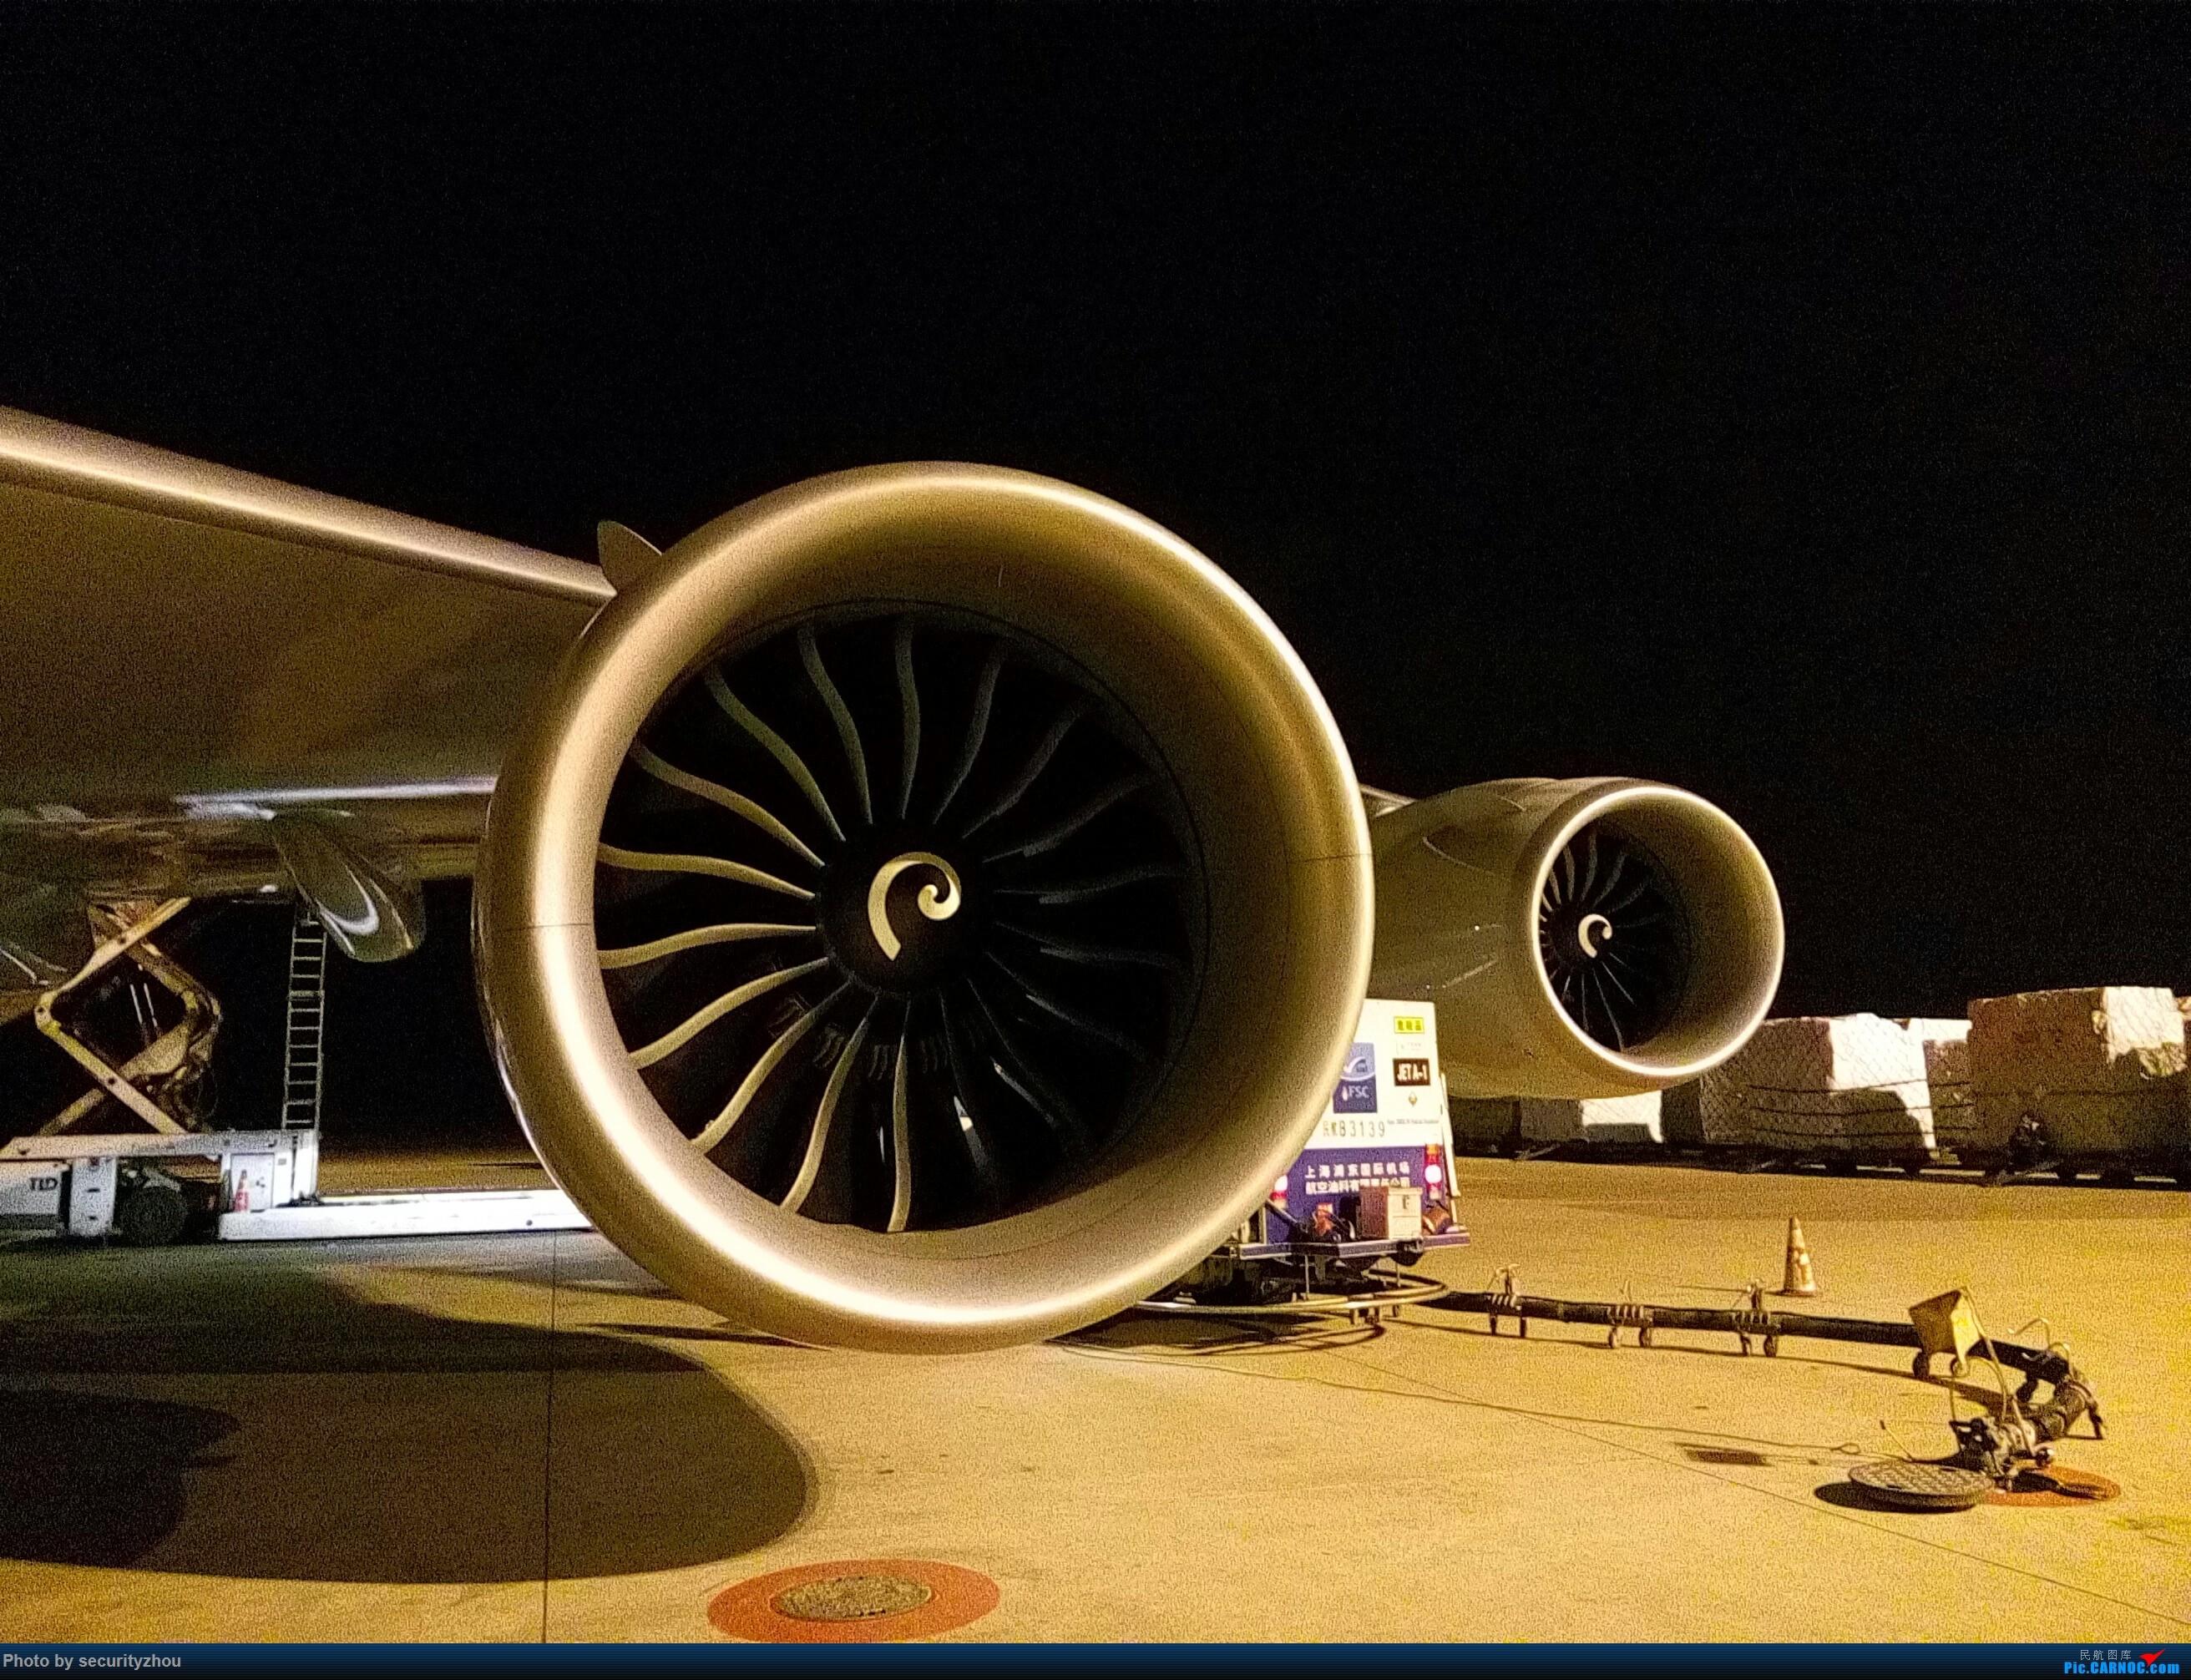 Re:[原创]卢森堡货运航空彩绘机首航浦东机场 BOEING 747-8F LX-VCM 中国上海浦东国际机场